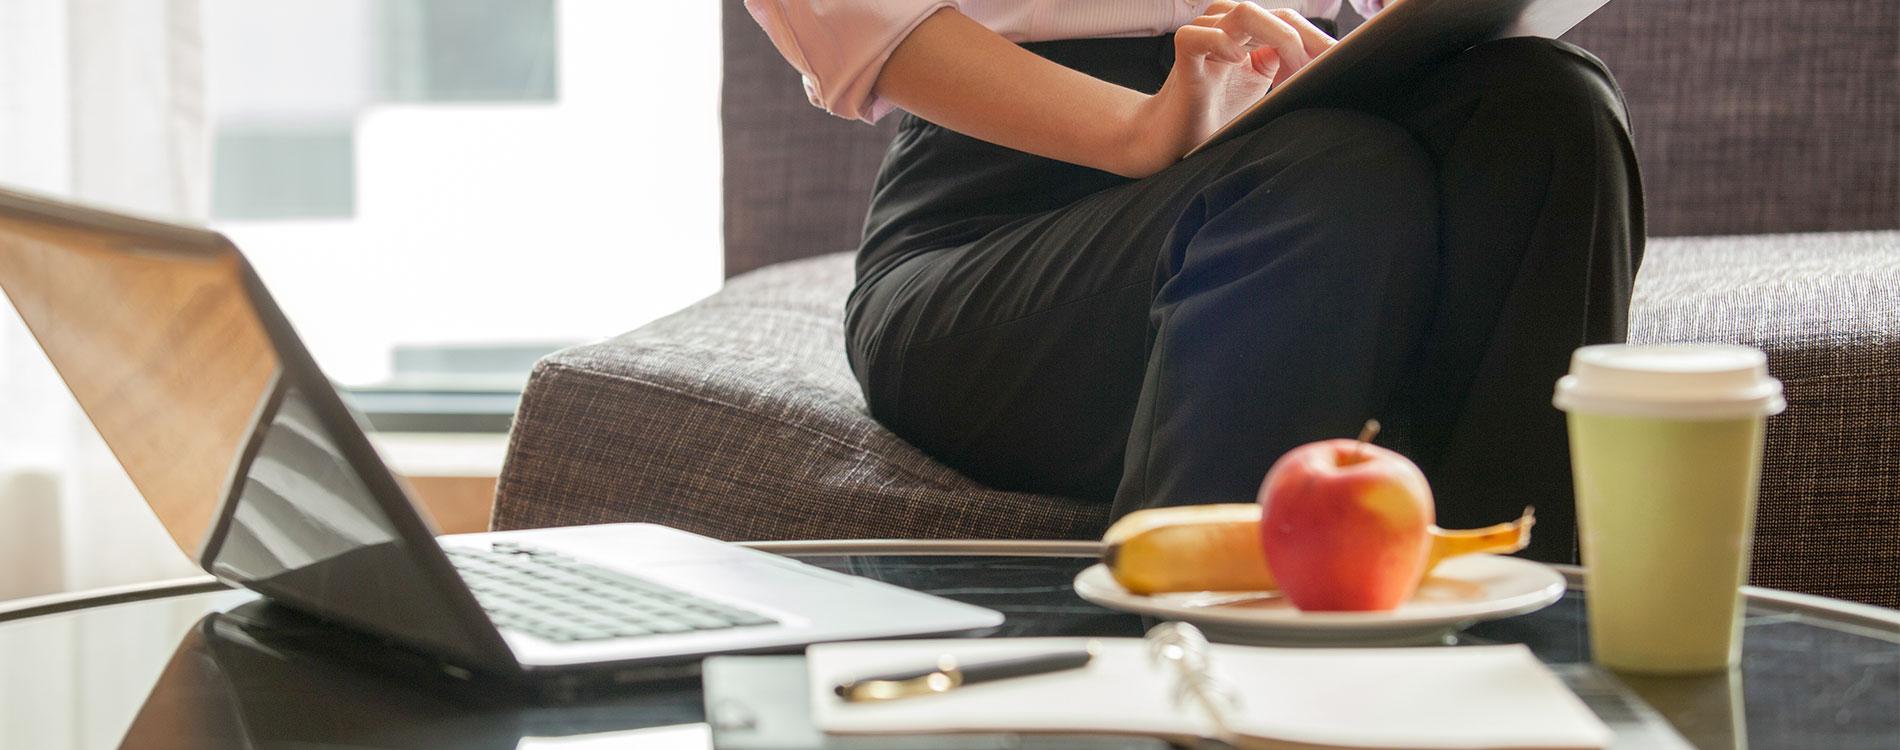 En god arbejdsplads forstår værdien af glade og tilfredse medarbejdere